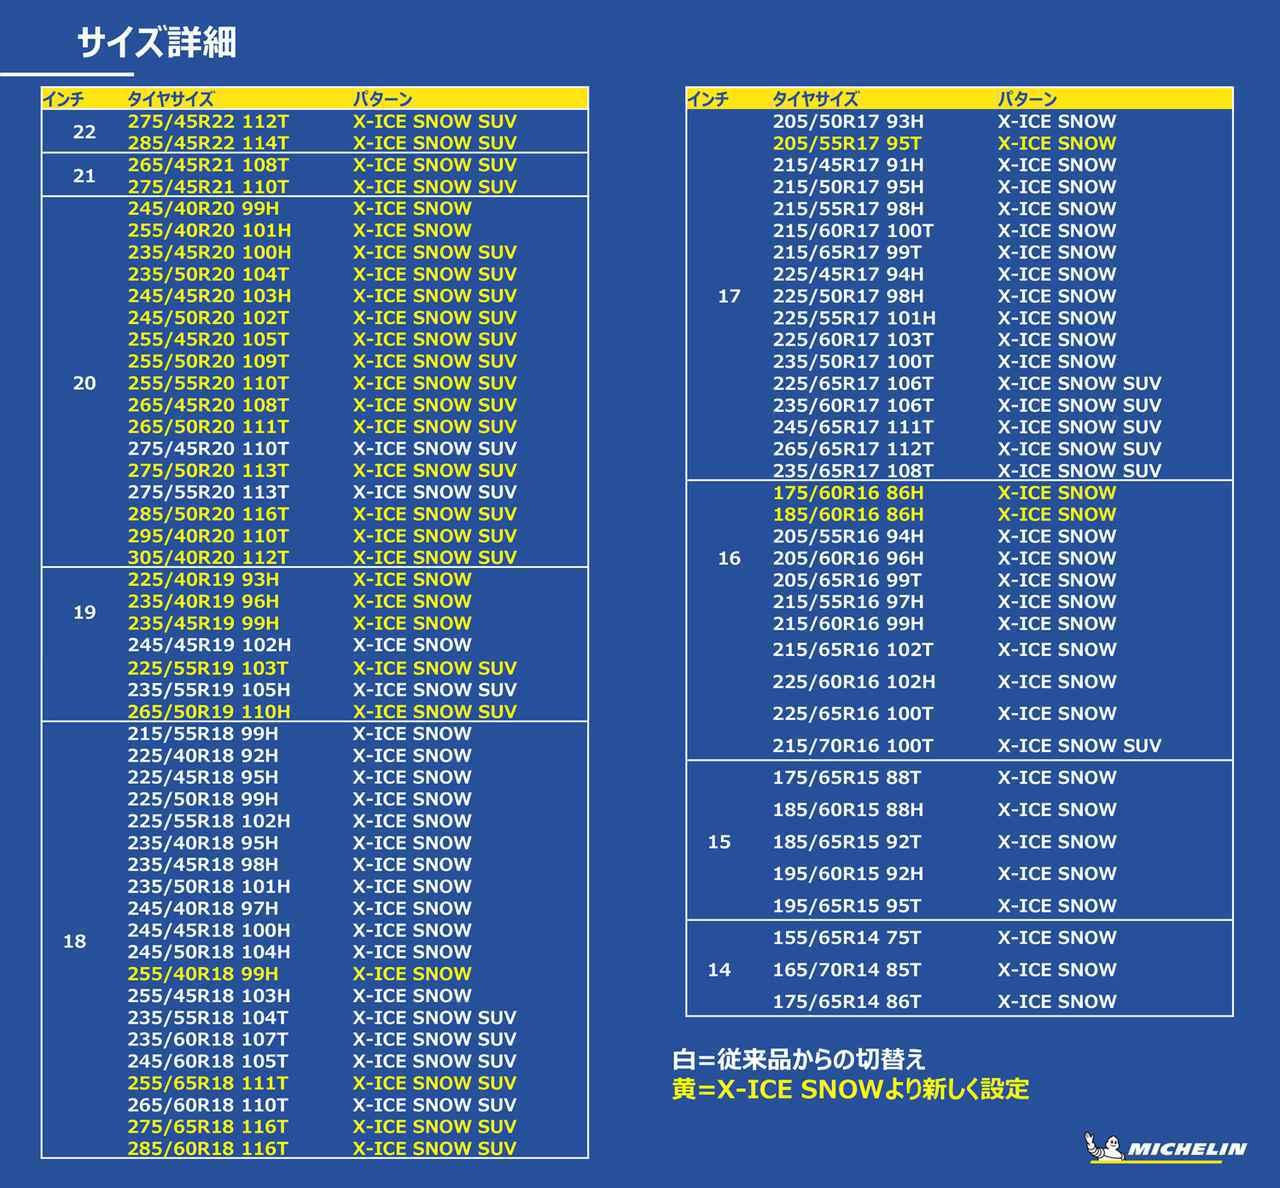 画像: ミシュランの新スタッドレスタイヤ「X-ICE SNOW」のサイズリスト。8月11日からの順次発売となる。